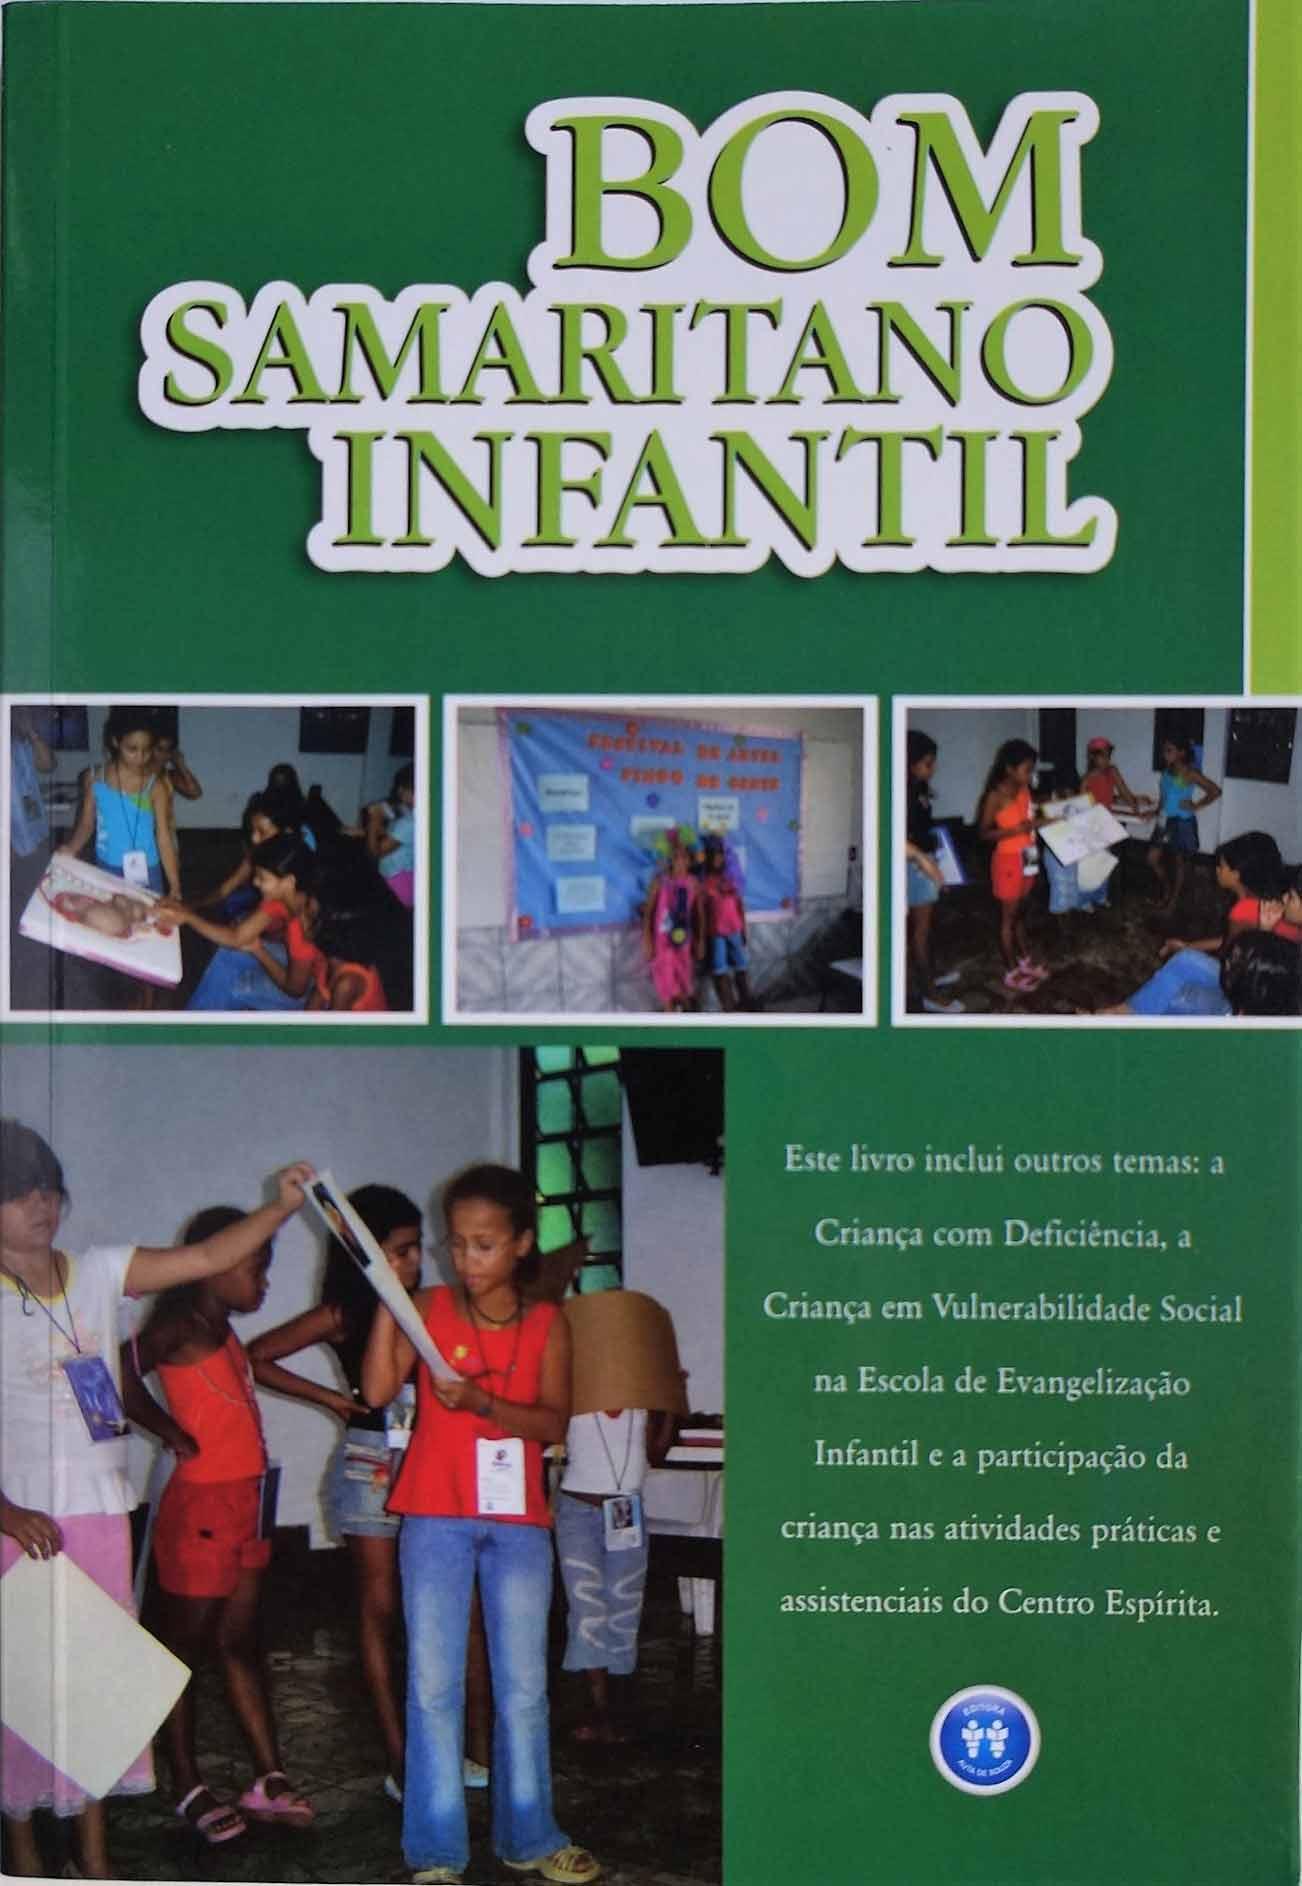 BOM SAMARITANO INFANTIL